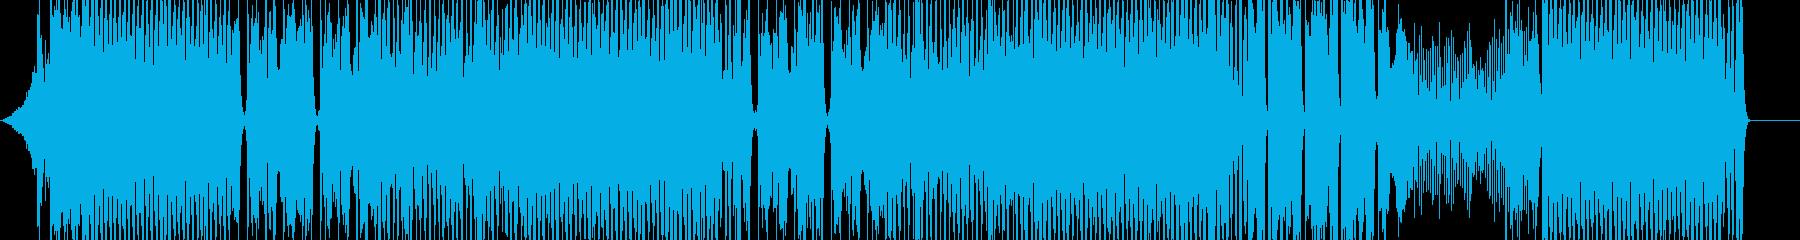 レディー・ガガ。ポップダンススタイ...の再生済みの波形